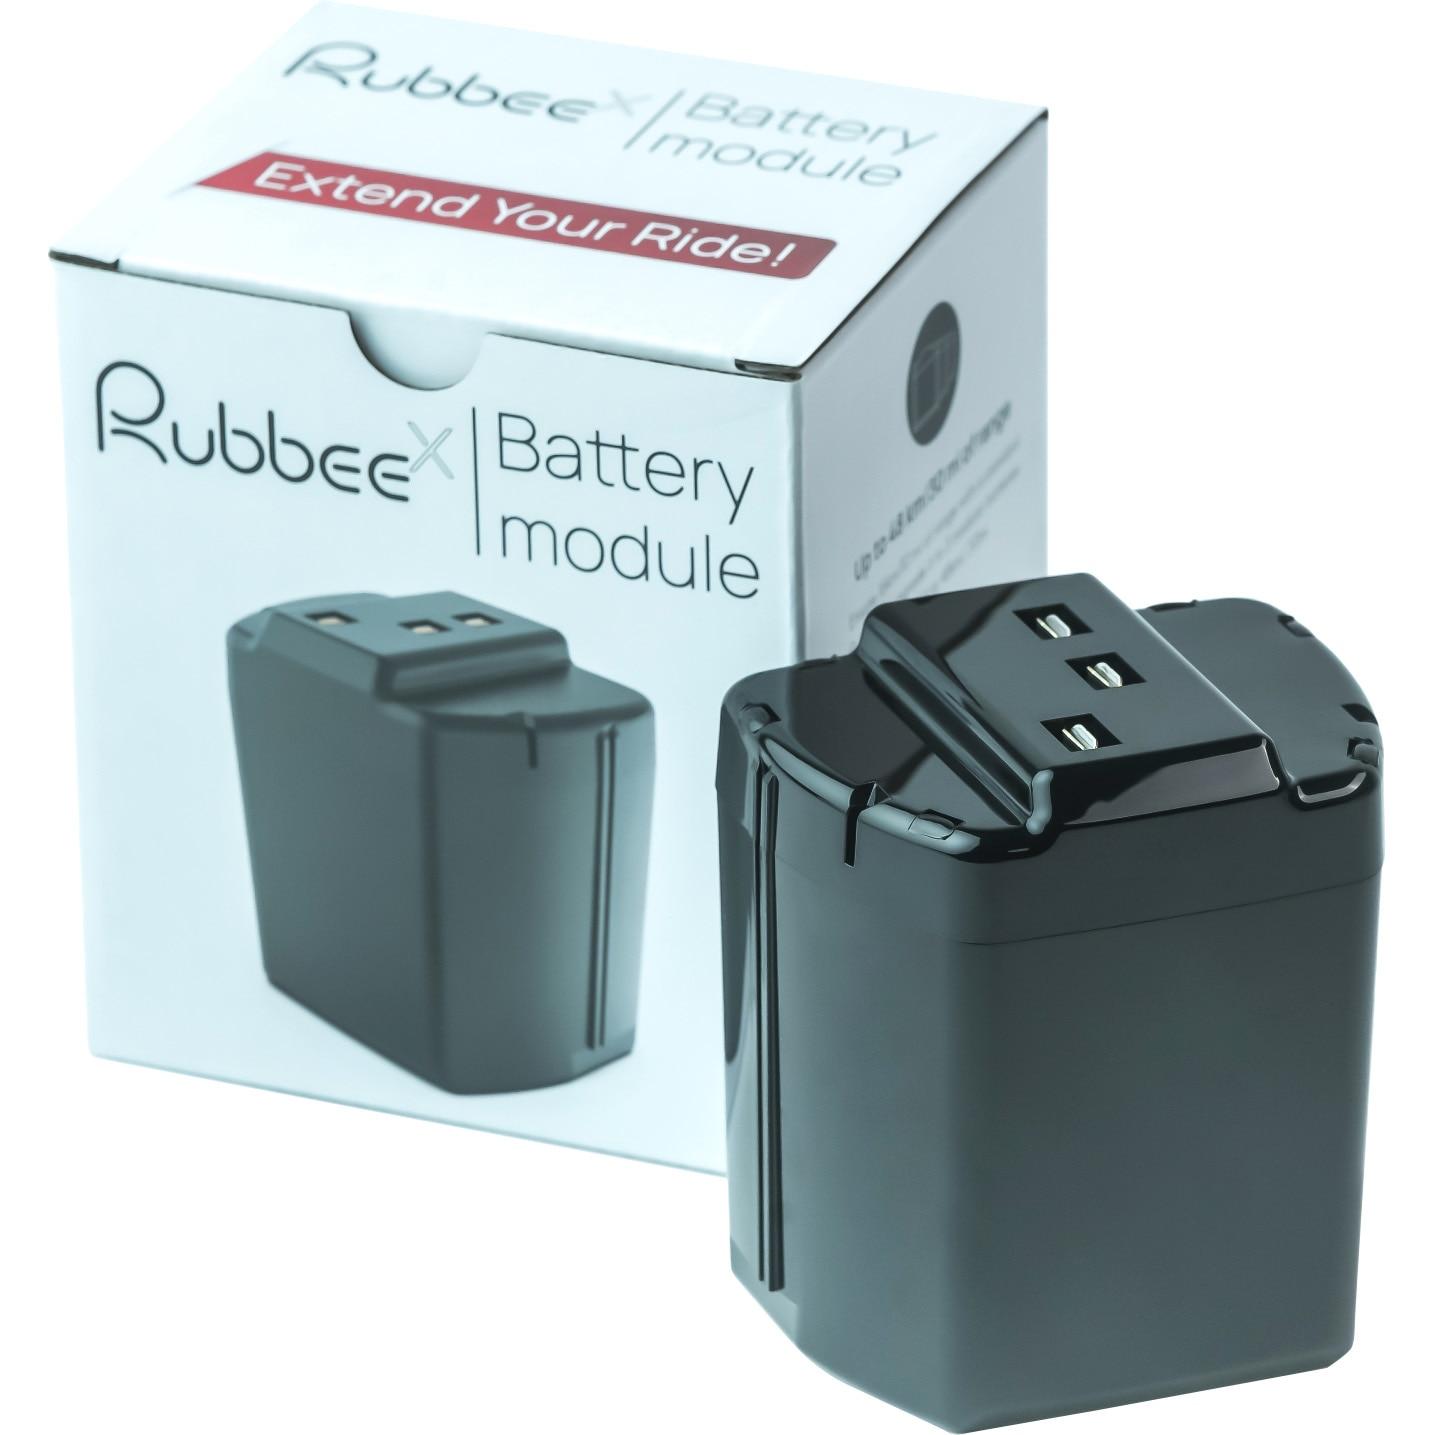 Fotografie Acumulator standard X e-Drive - 2600 mAh (36V/93.6Wh) , compatibil Rubbee-X